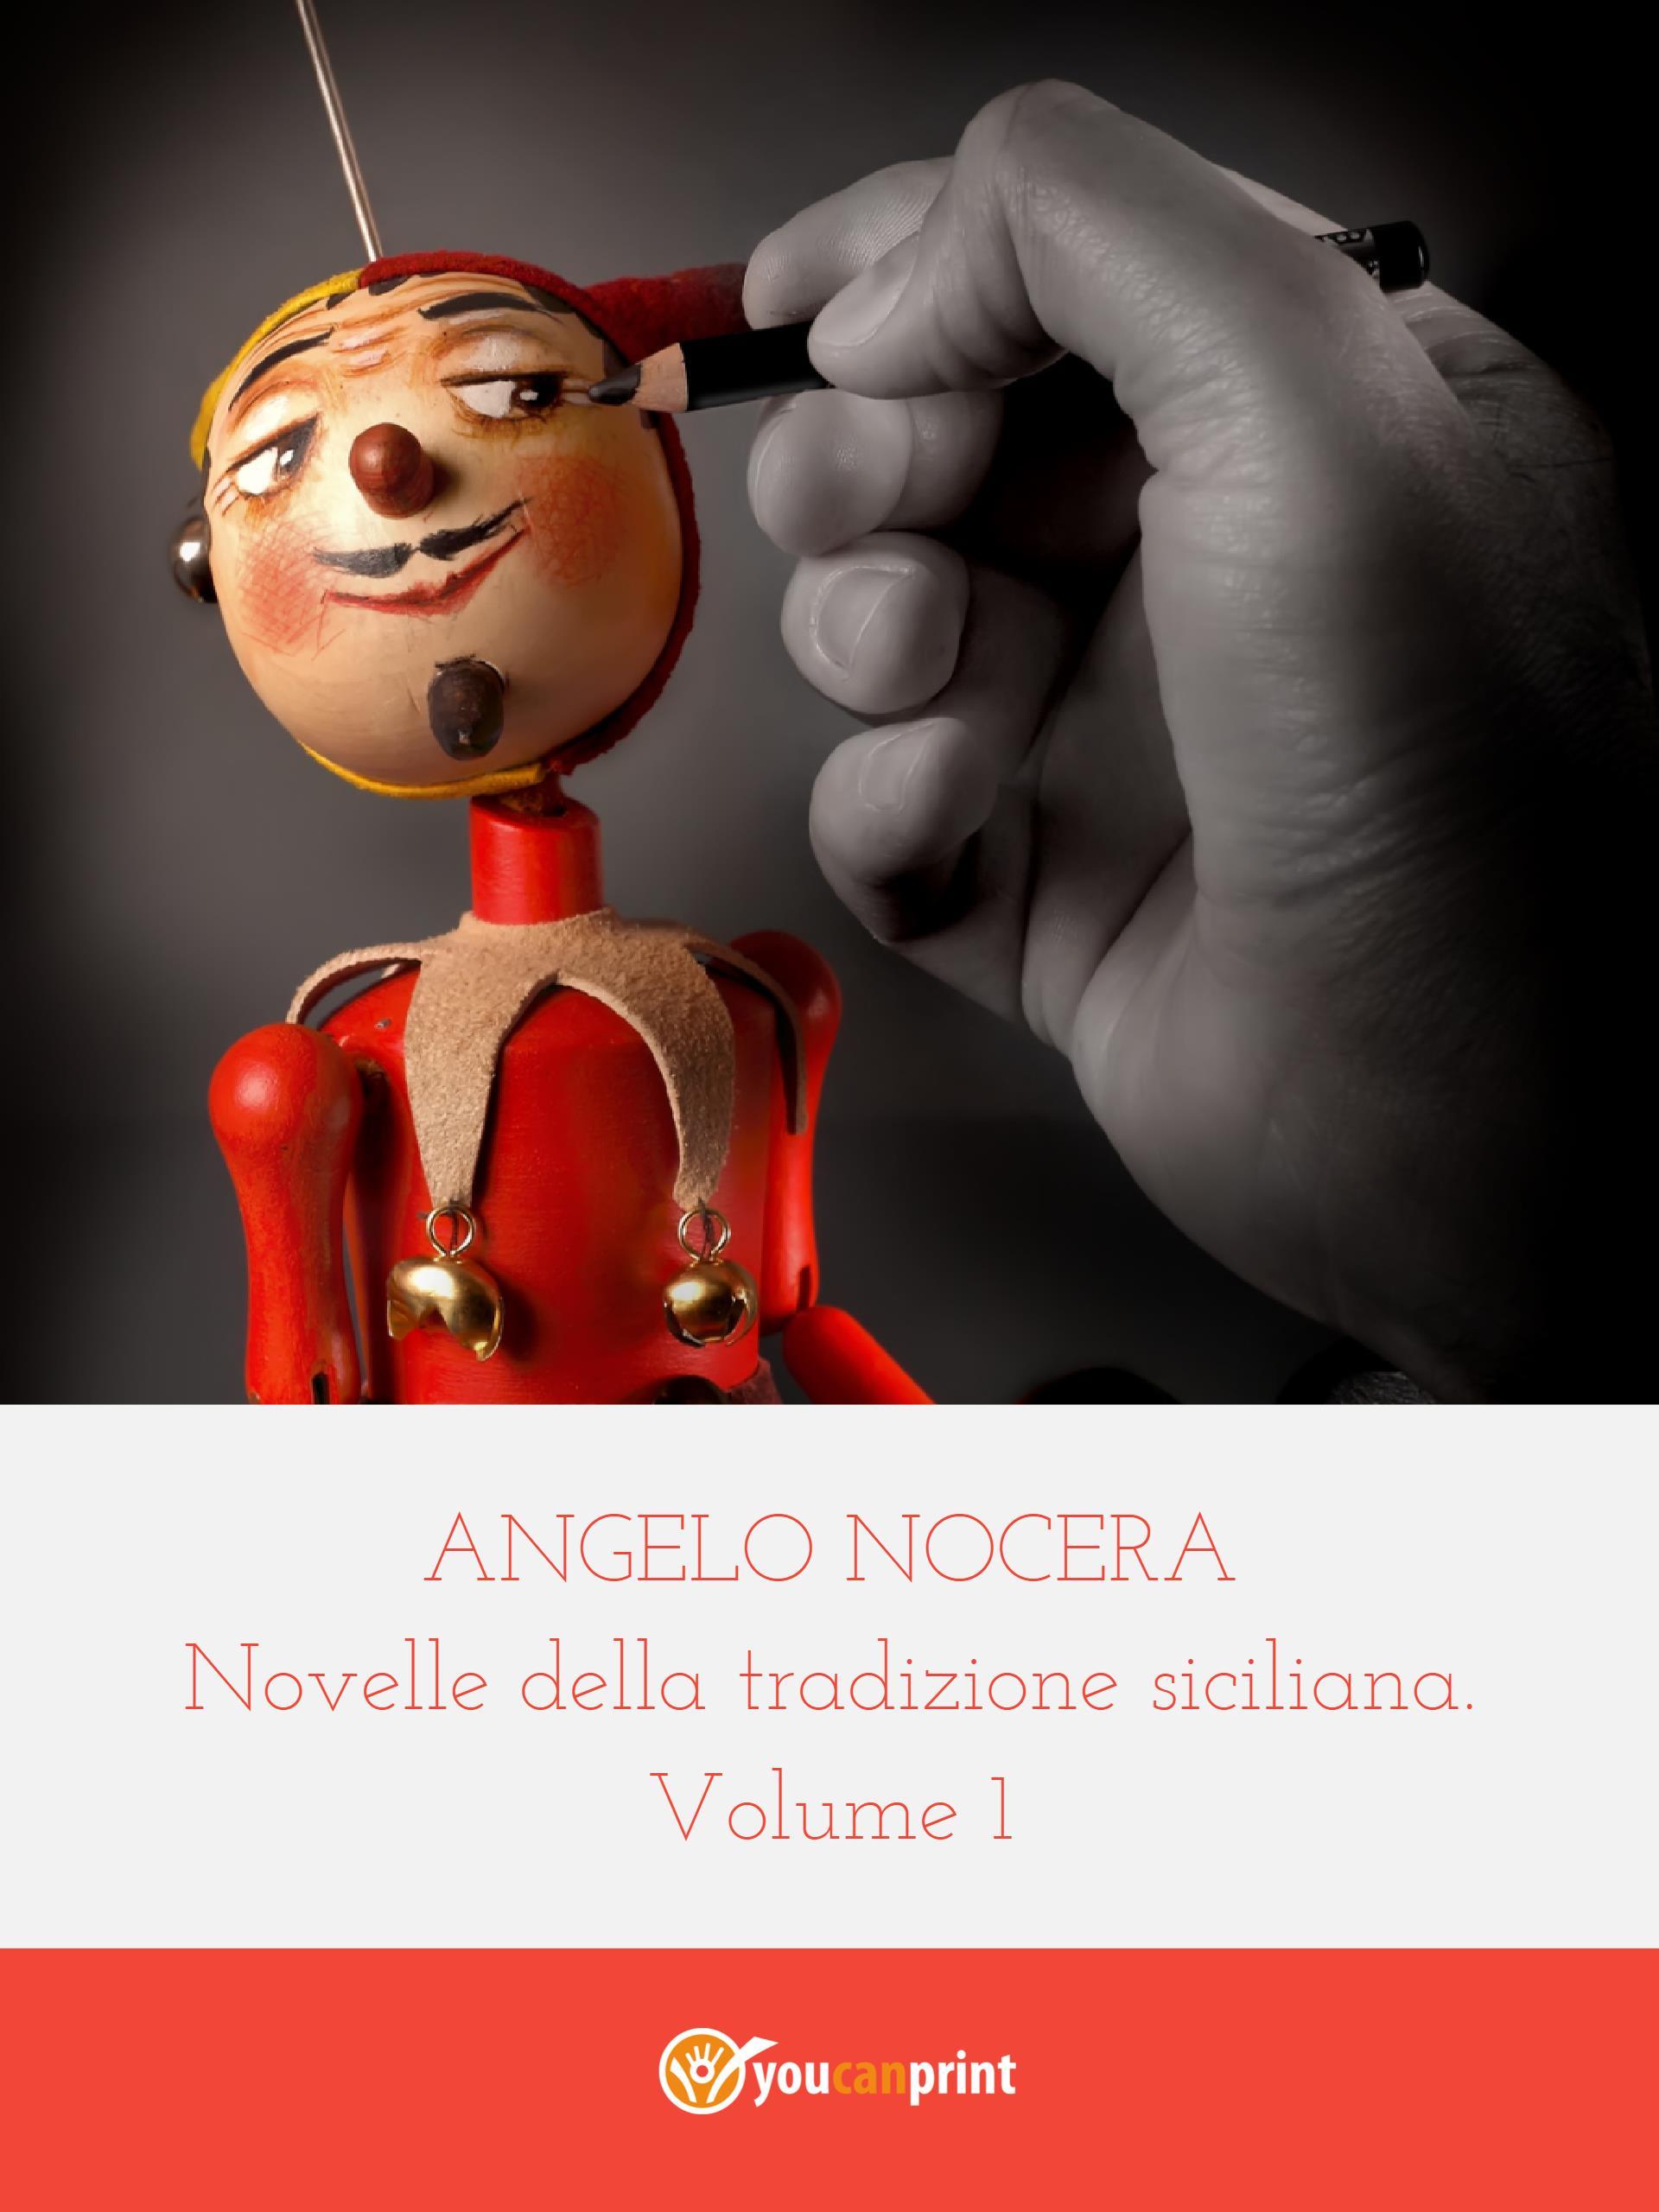 Novelle della tradizione siciliana. Volume 1